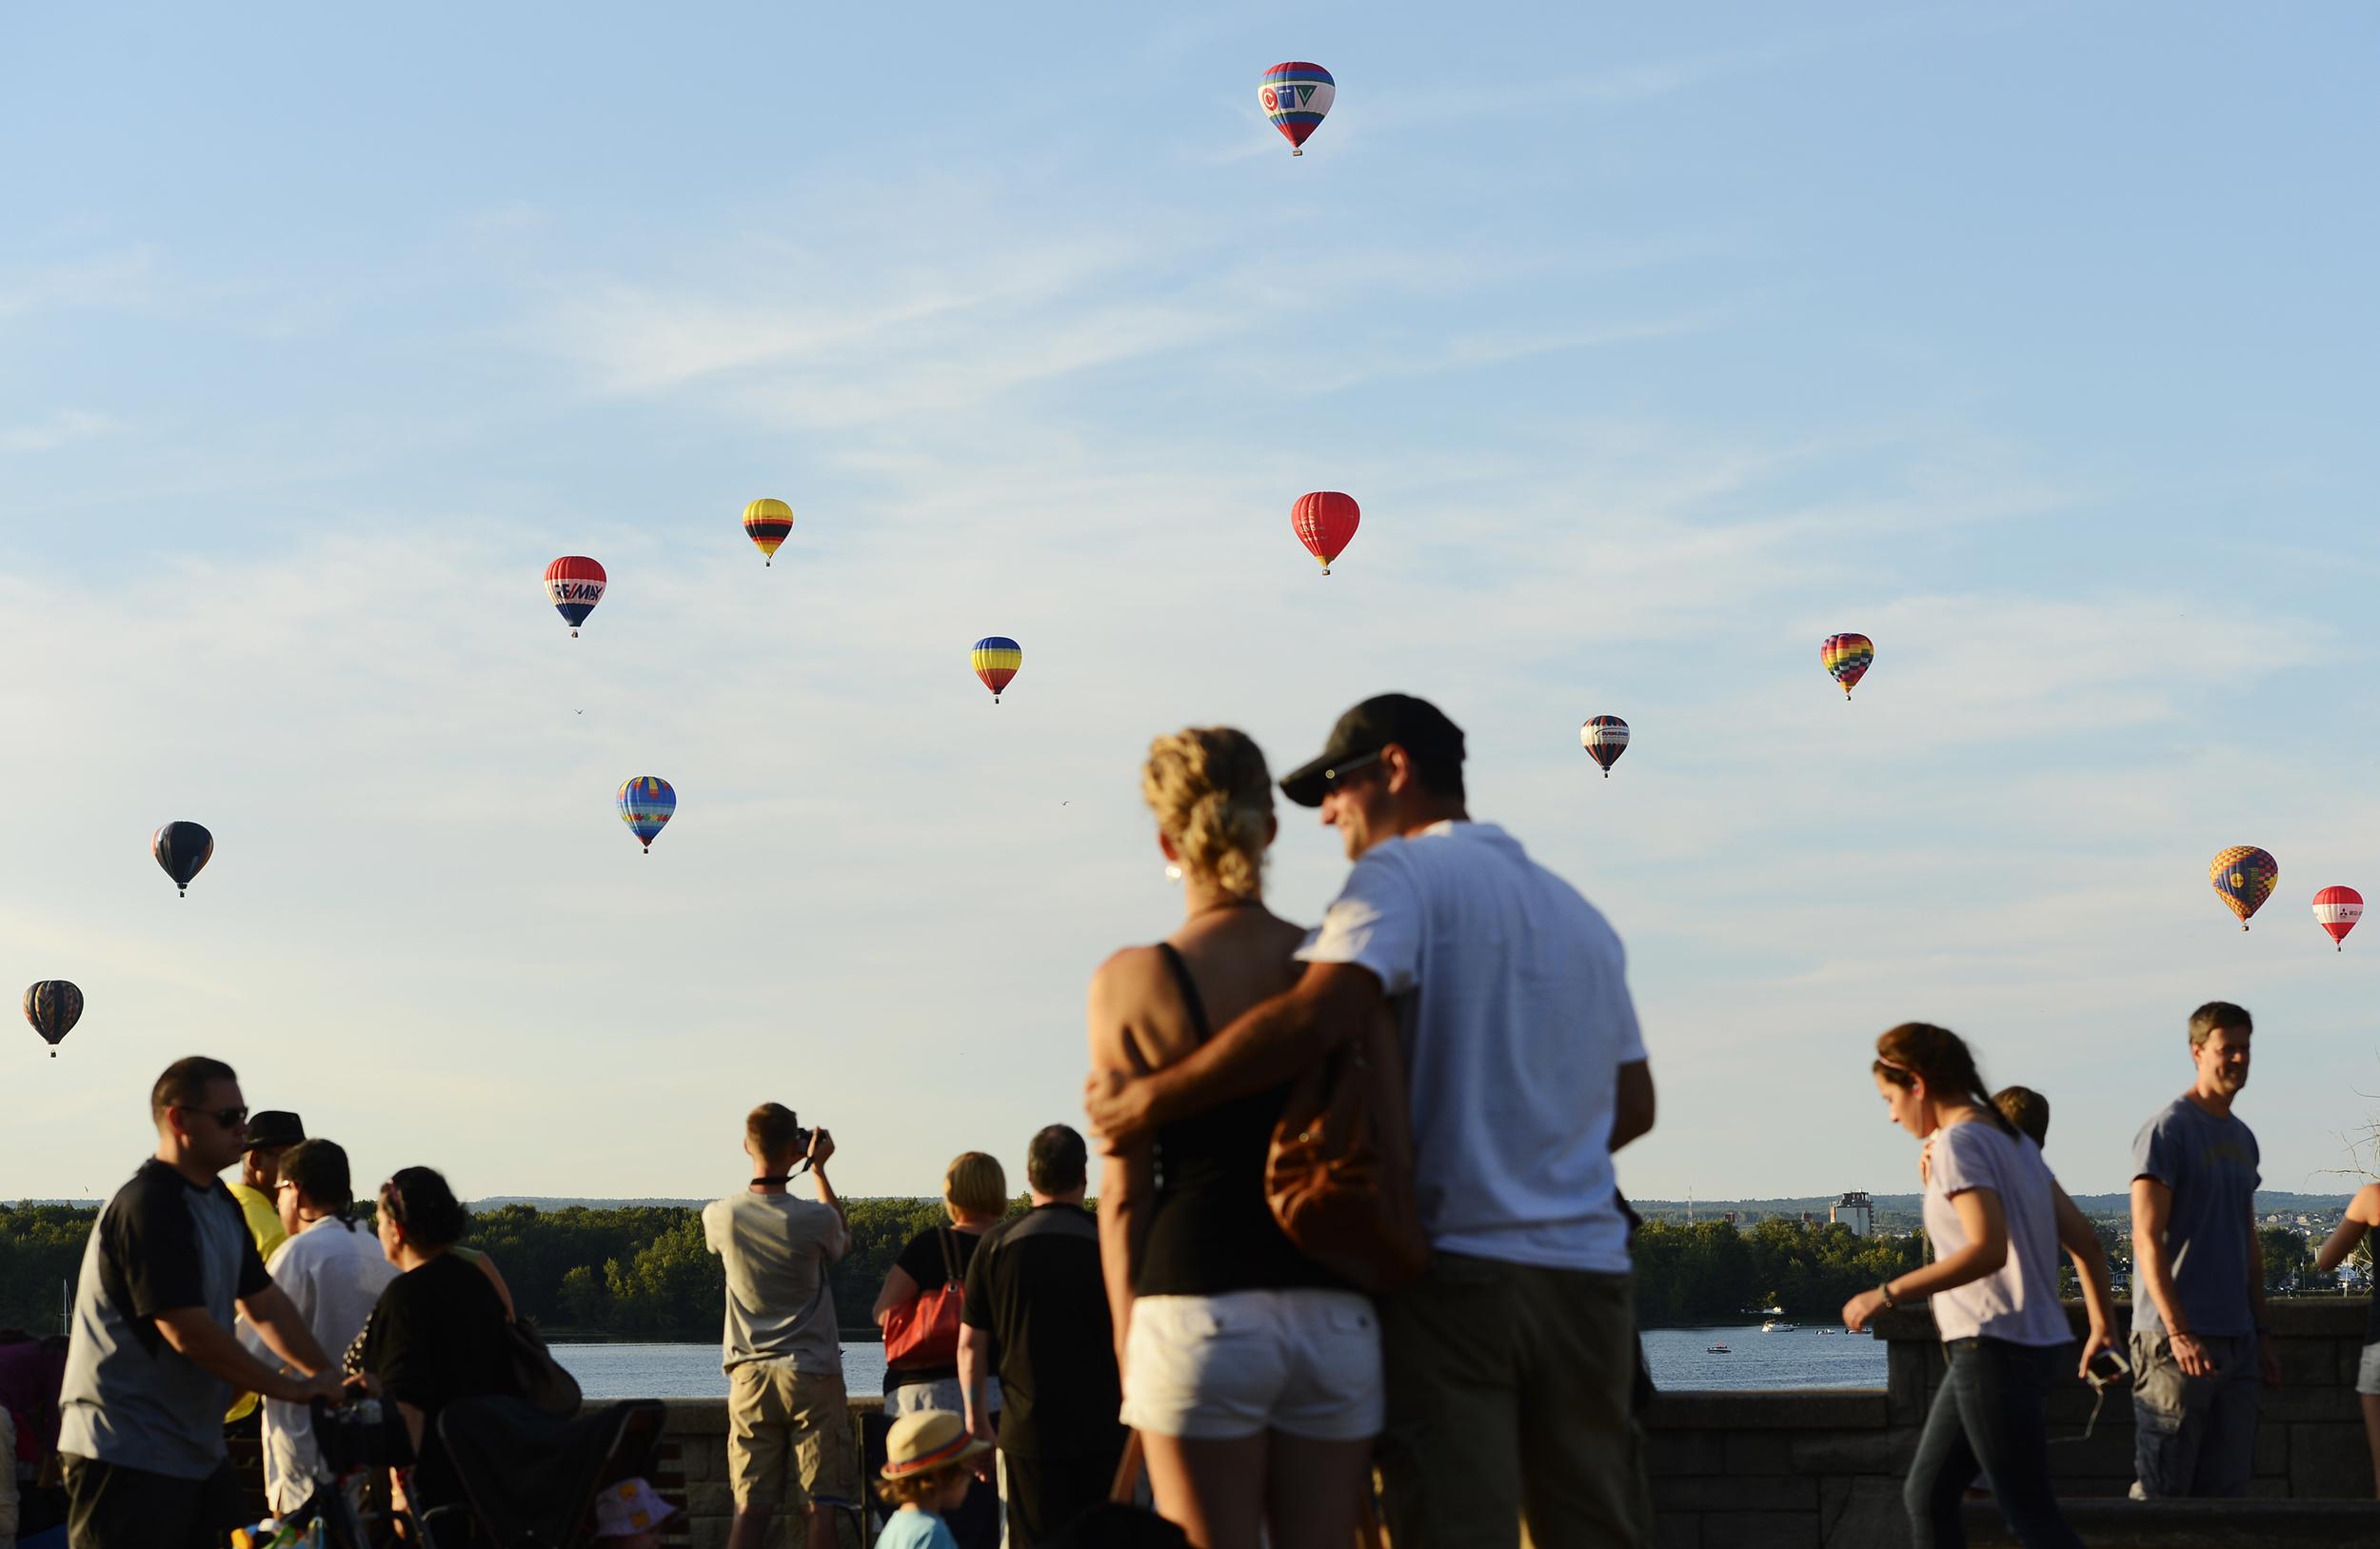 Hot air balloons rise over Ottawa river from Gatineau Hot Air Balloon Festival.